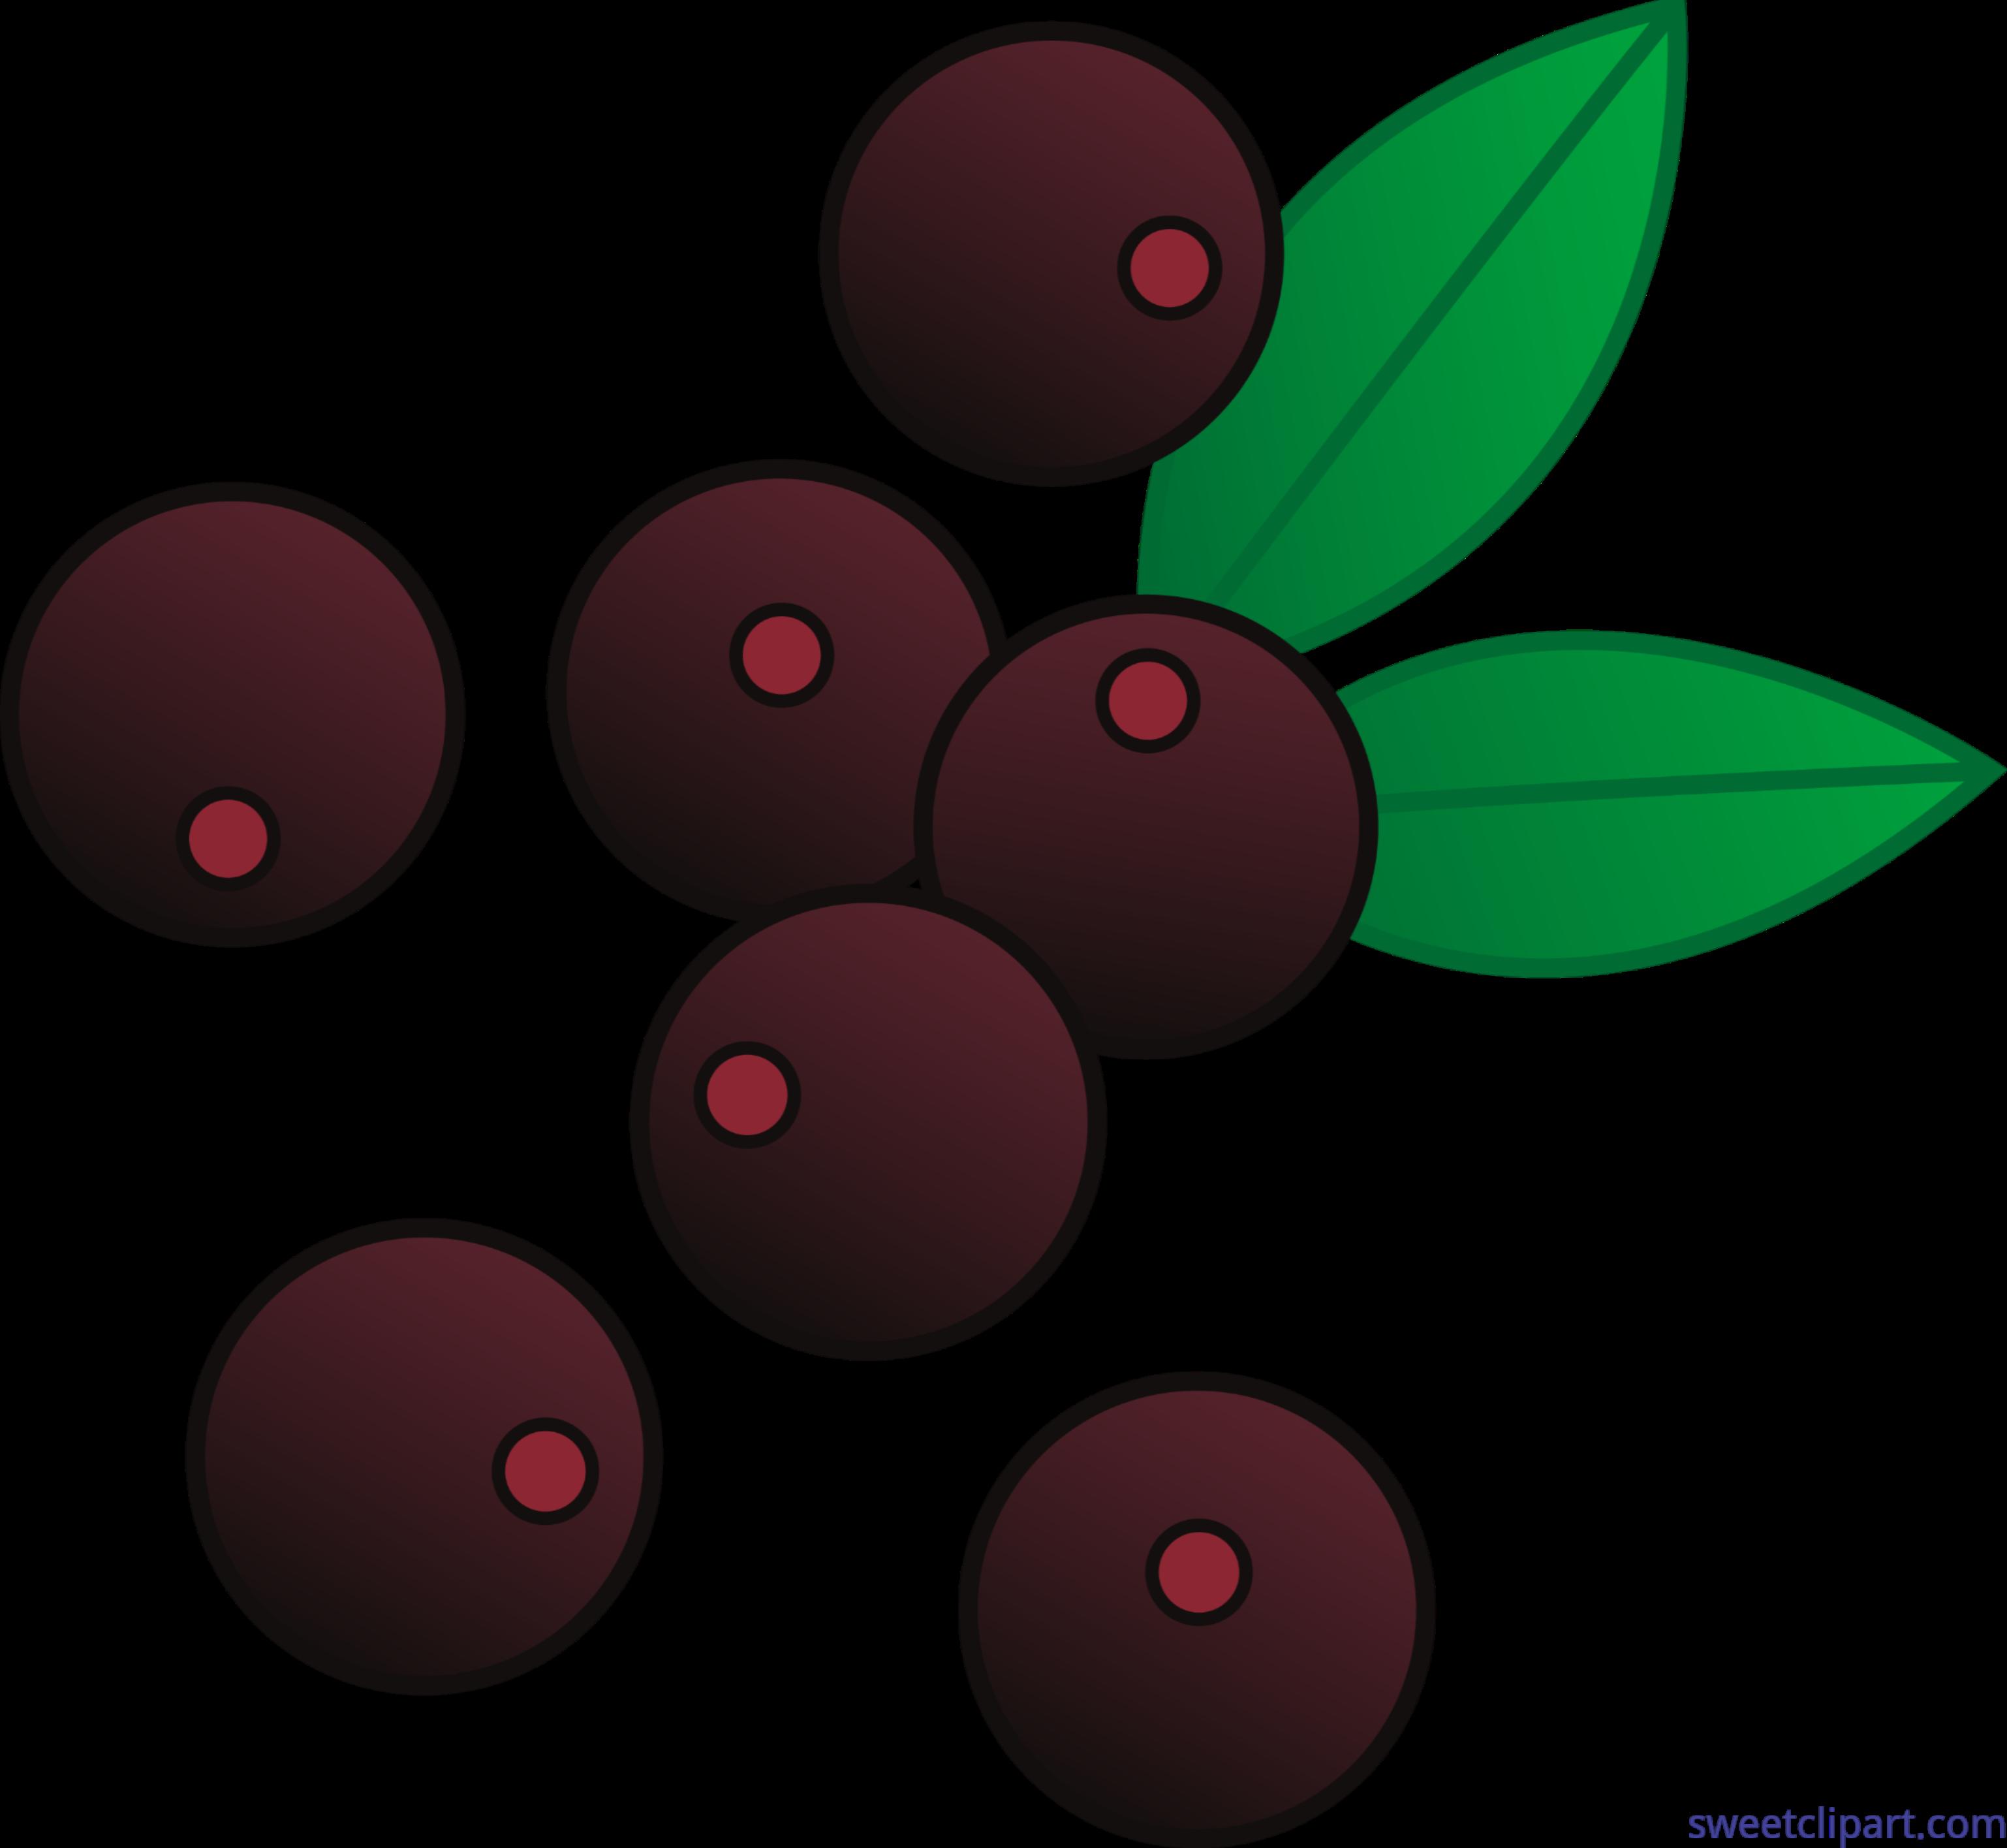 Christmas berries clipart banner Berries Acai Clip Art - Sweet Clip Art banner